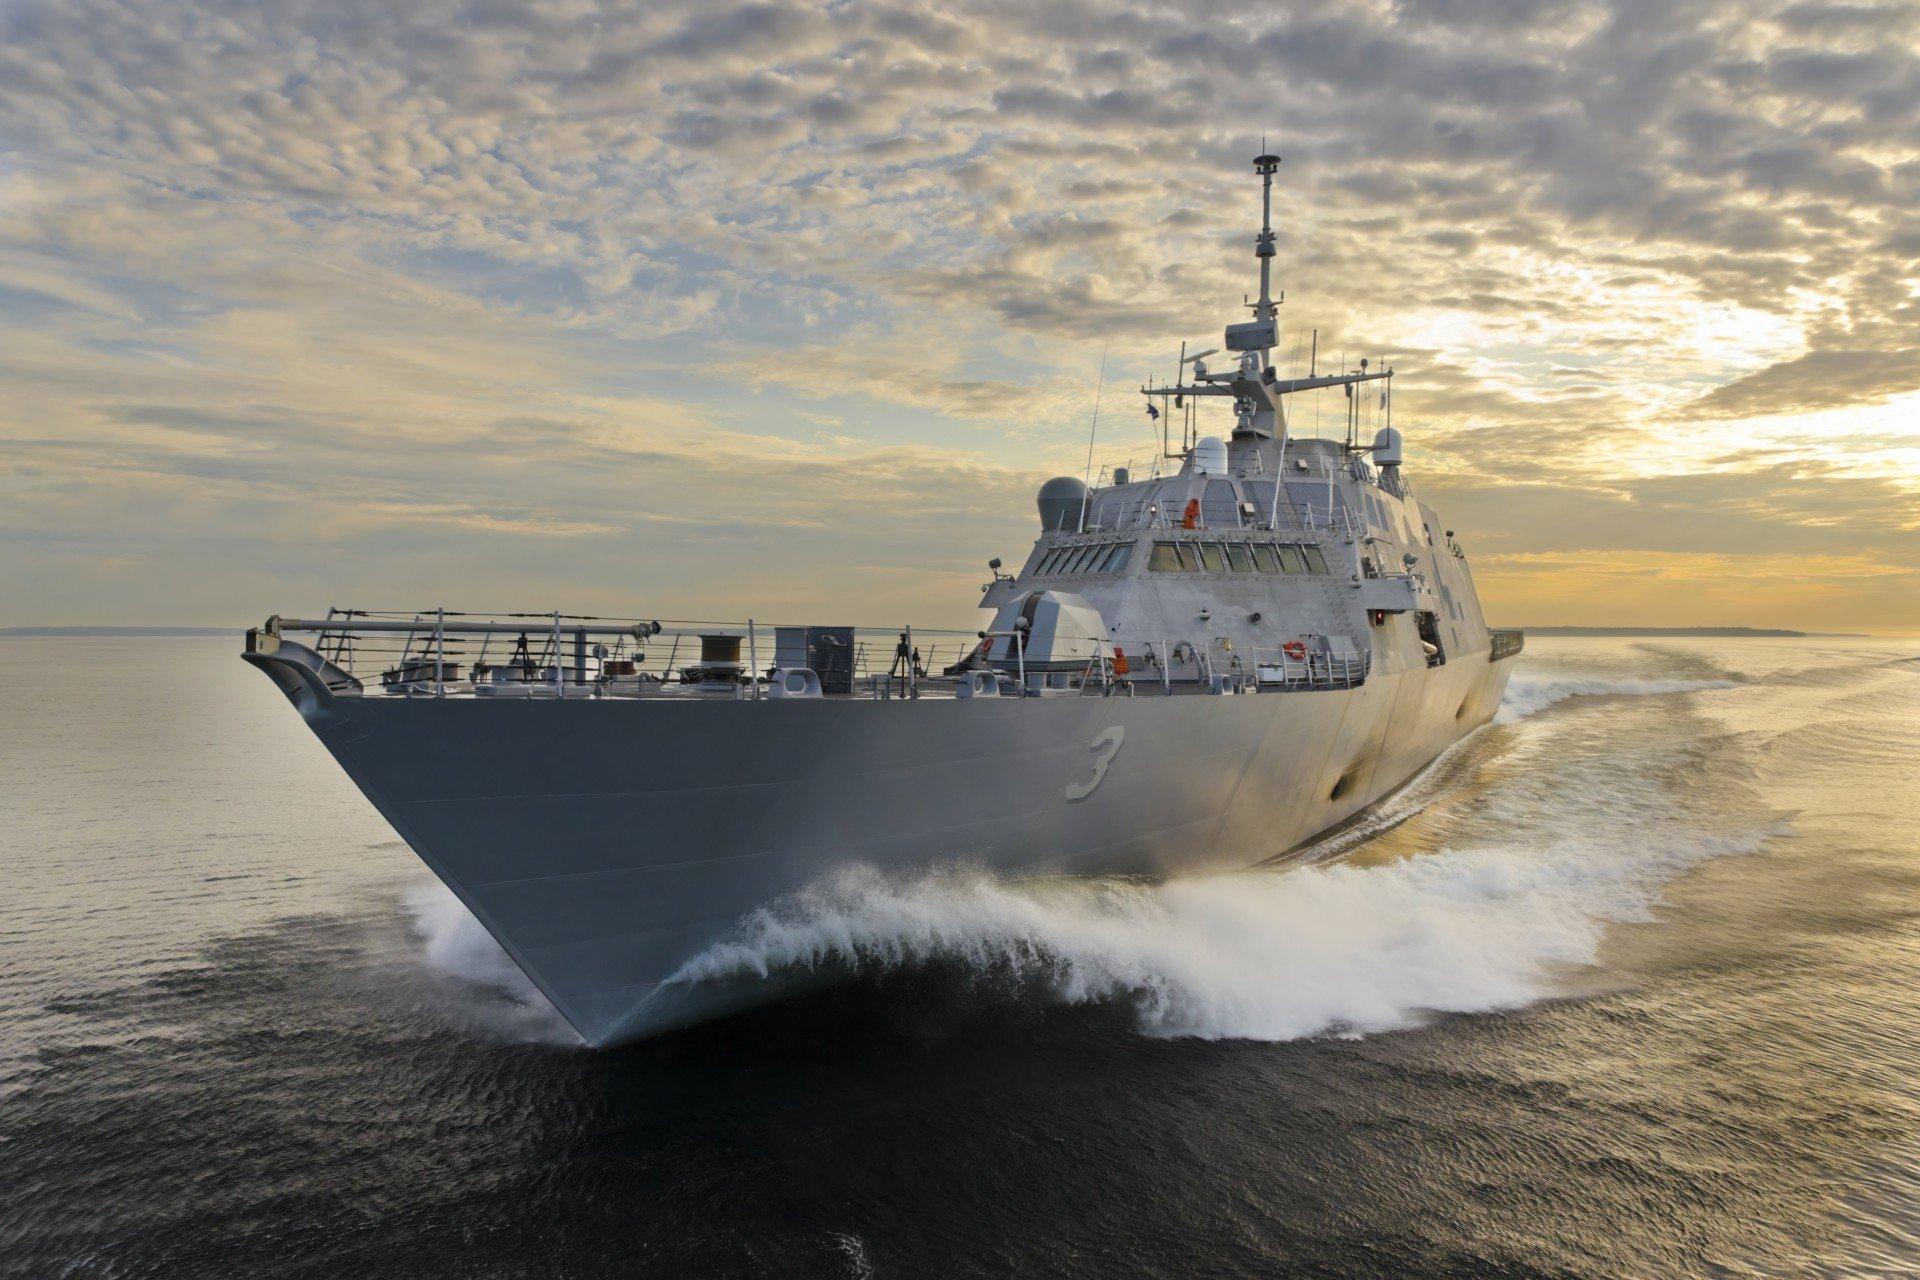 sunset-ship-united-states-sea-us-navy